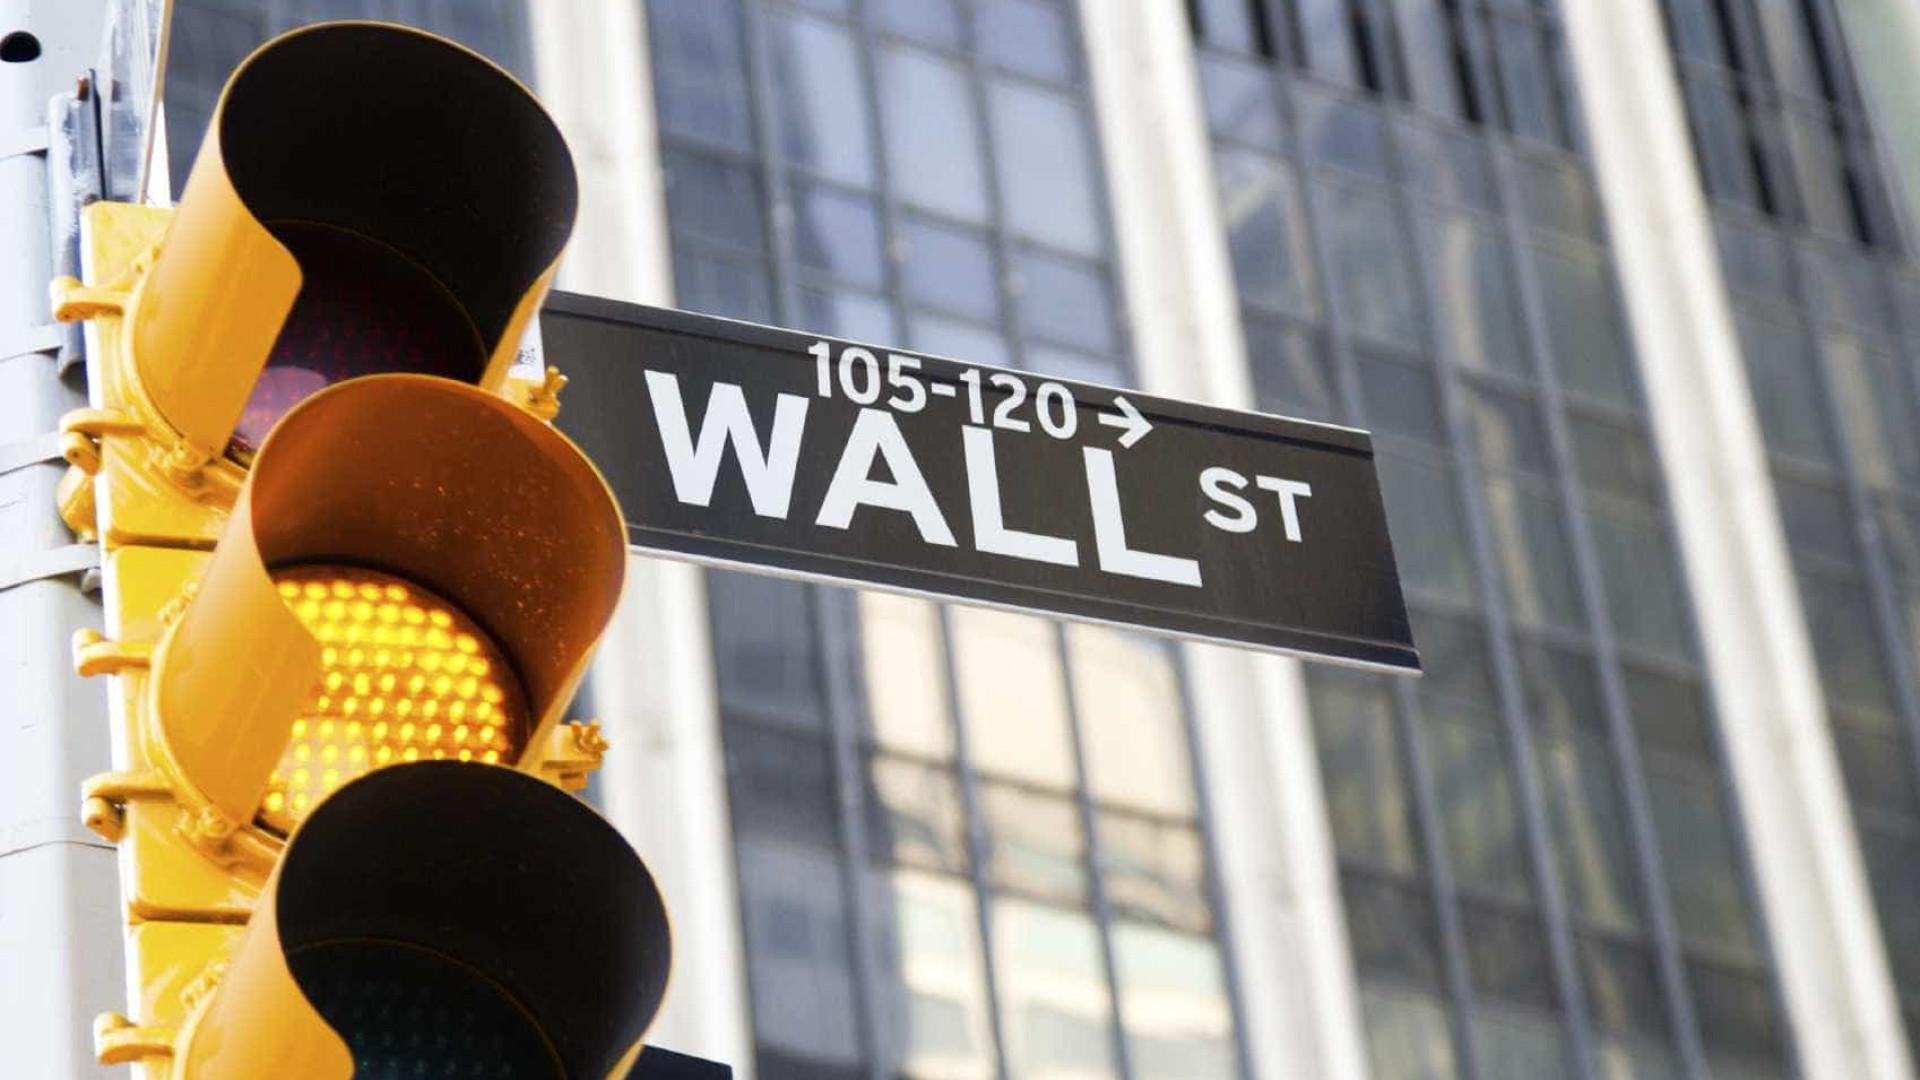 Wall Street fecha em alta com otimismo prudente dos investidores